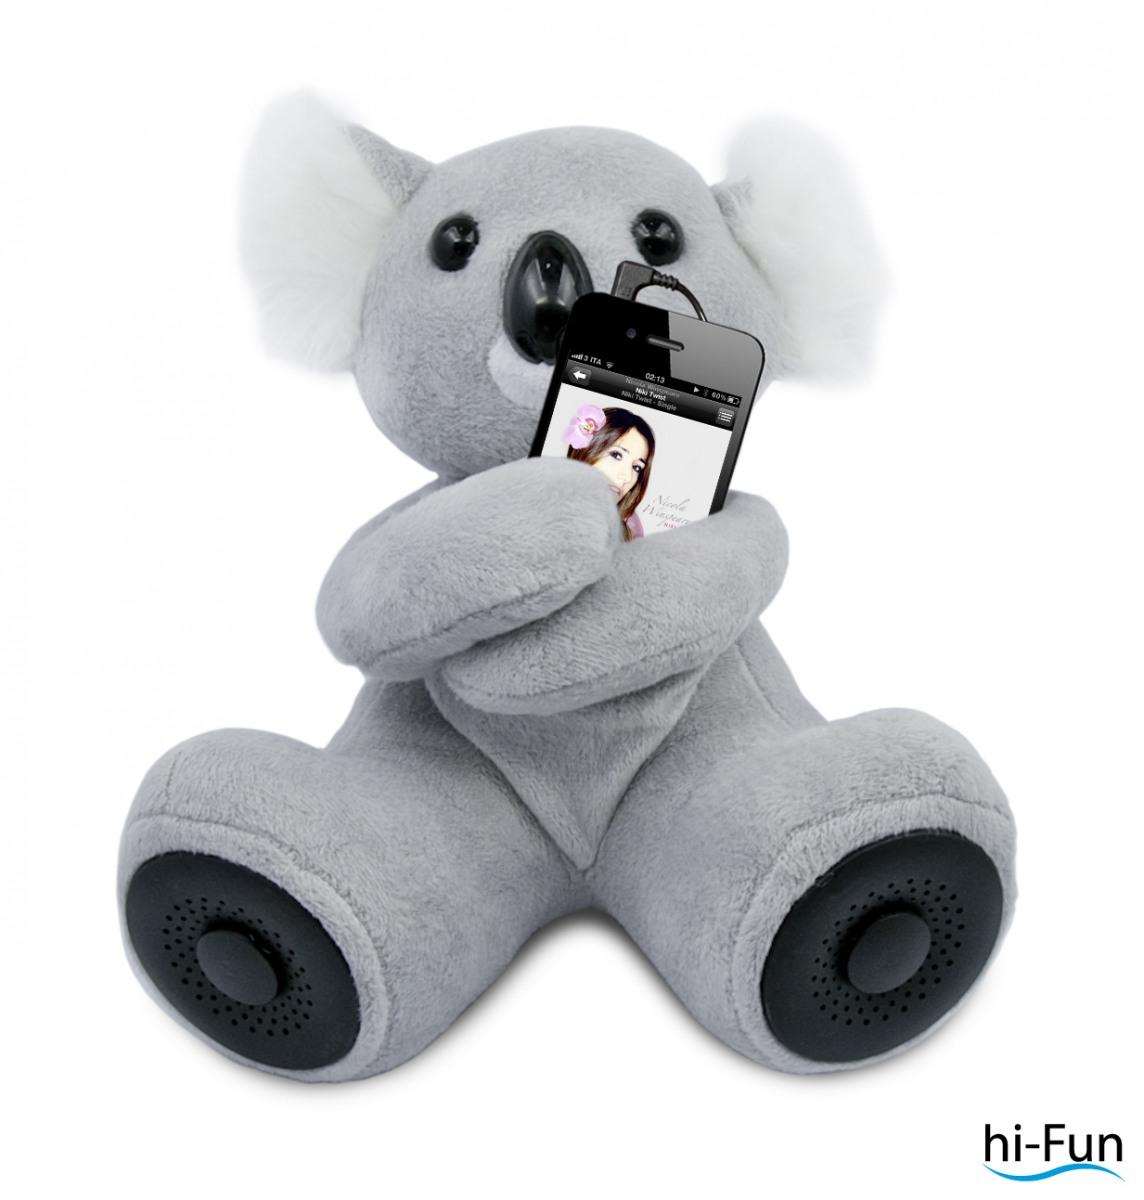 """Der Lautsprecher-Koala: Mit einem Lautsprecher in jedem Fuß und einemBatteriefach im Rücken wird """"hi-Koalí""""zum Vorleser, Märchenerzähler undGeschichtenerfinder. Der Lautsprecher ist ab sofort in drei verschiedenen Farbenfür 29,90 Euro erhältlich."""